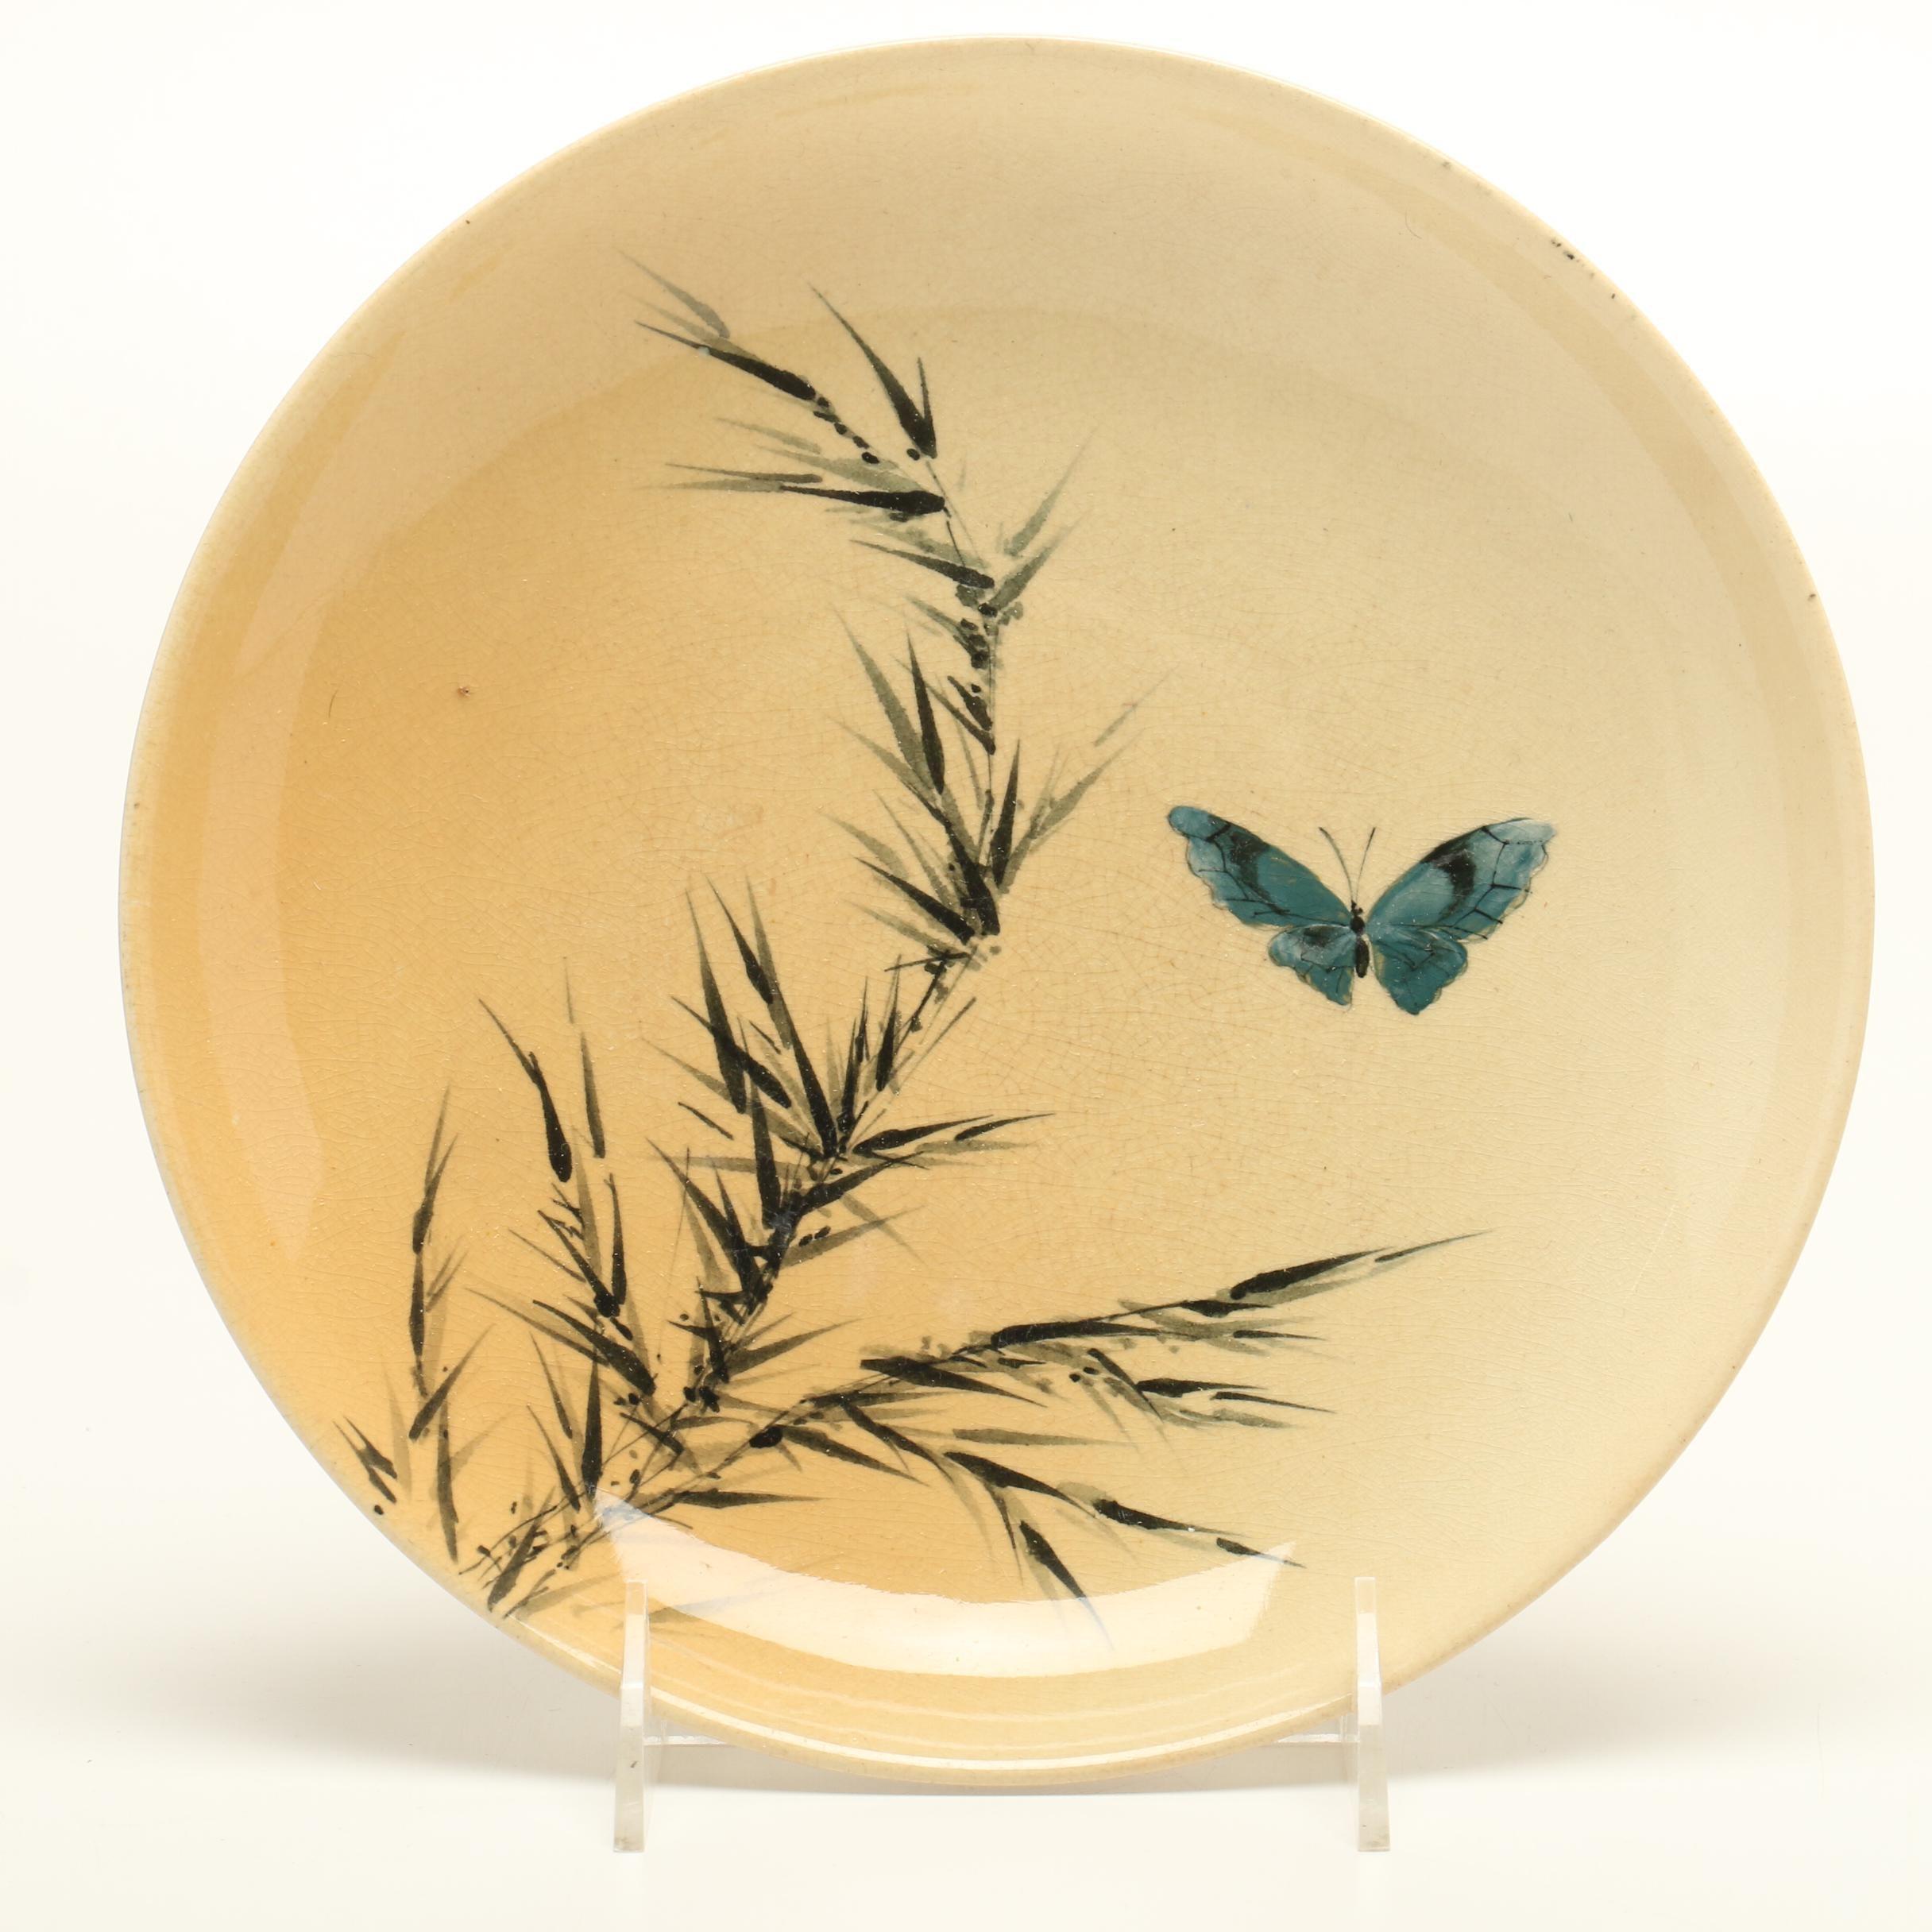 Martin Rettig Rookwood Pottery Scenic Plate, circa 1885